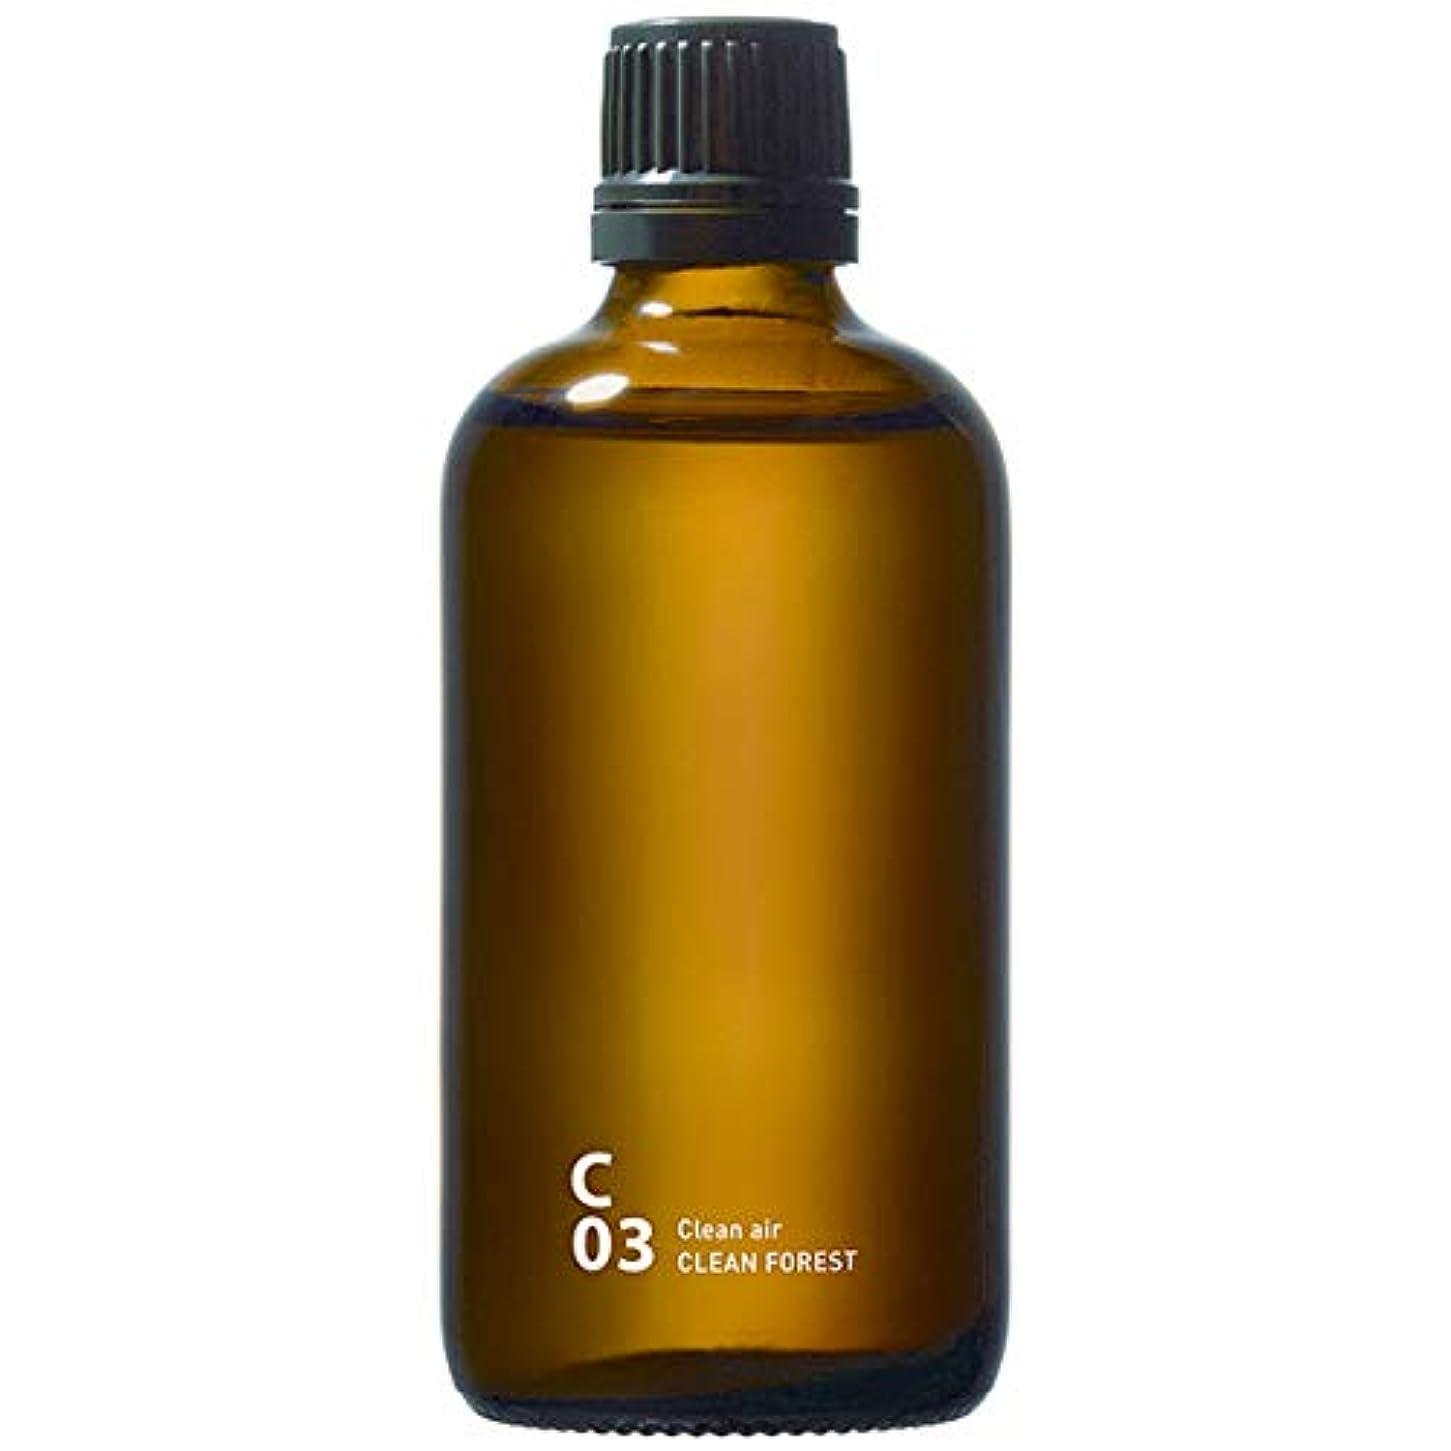 責めアクセントラベンダーC03 CLEAN FOREST piezo aroma oil 100ml